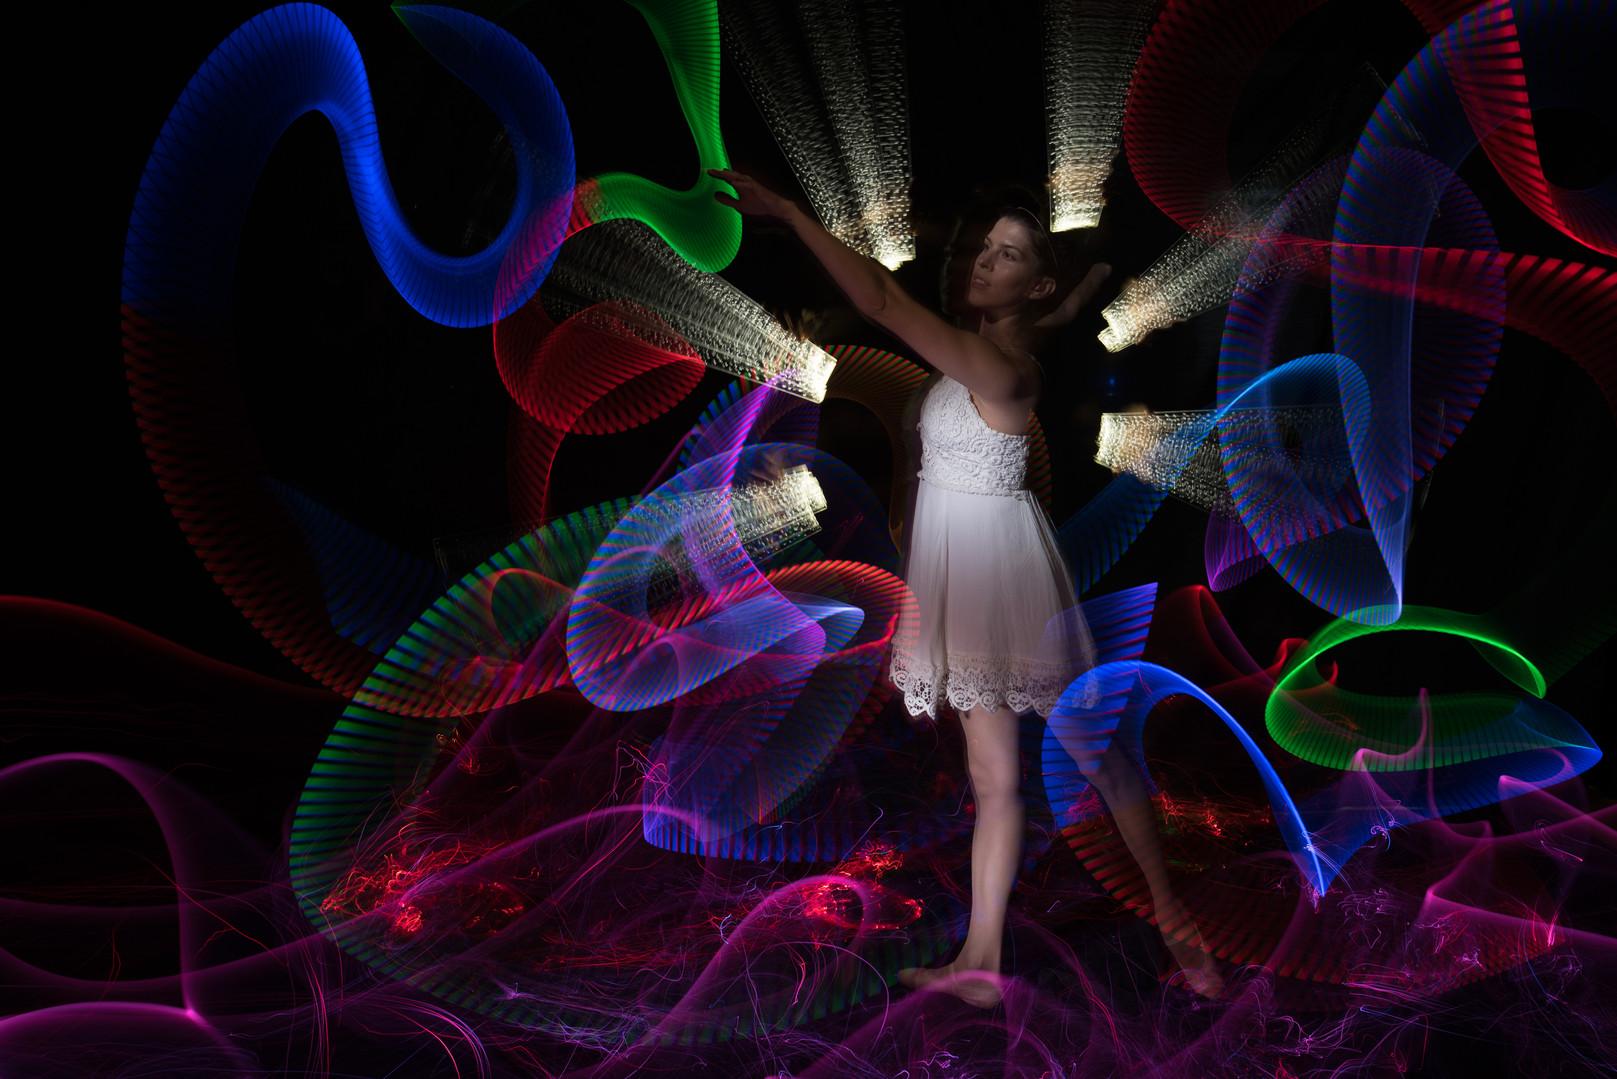 DSC_4809_lightpainting.jpg